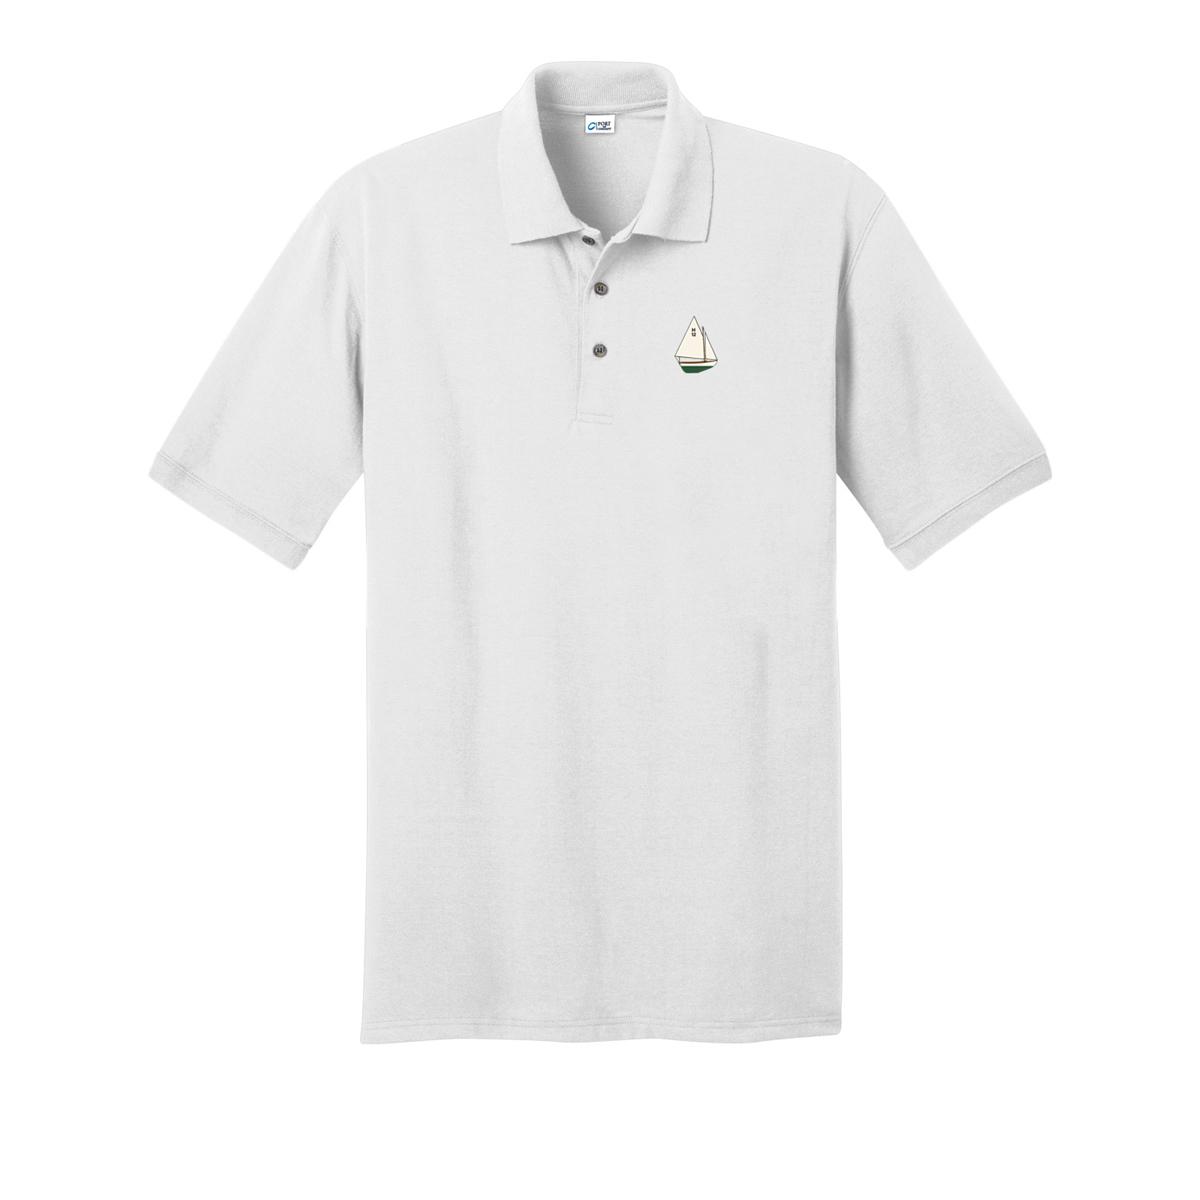 H-Class - Men's Cotton Polo